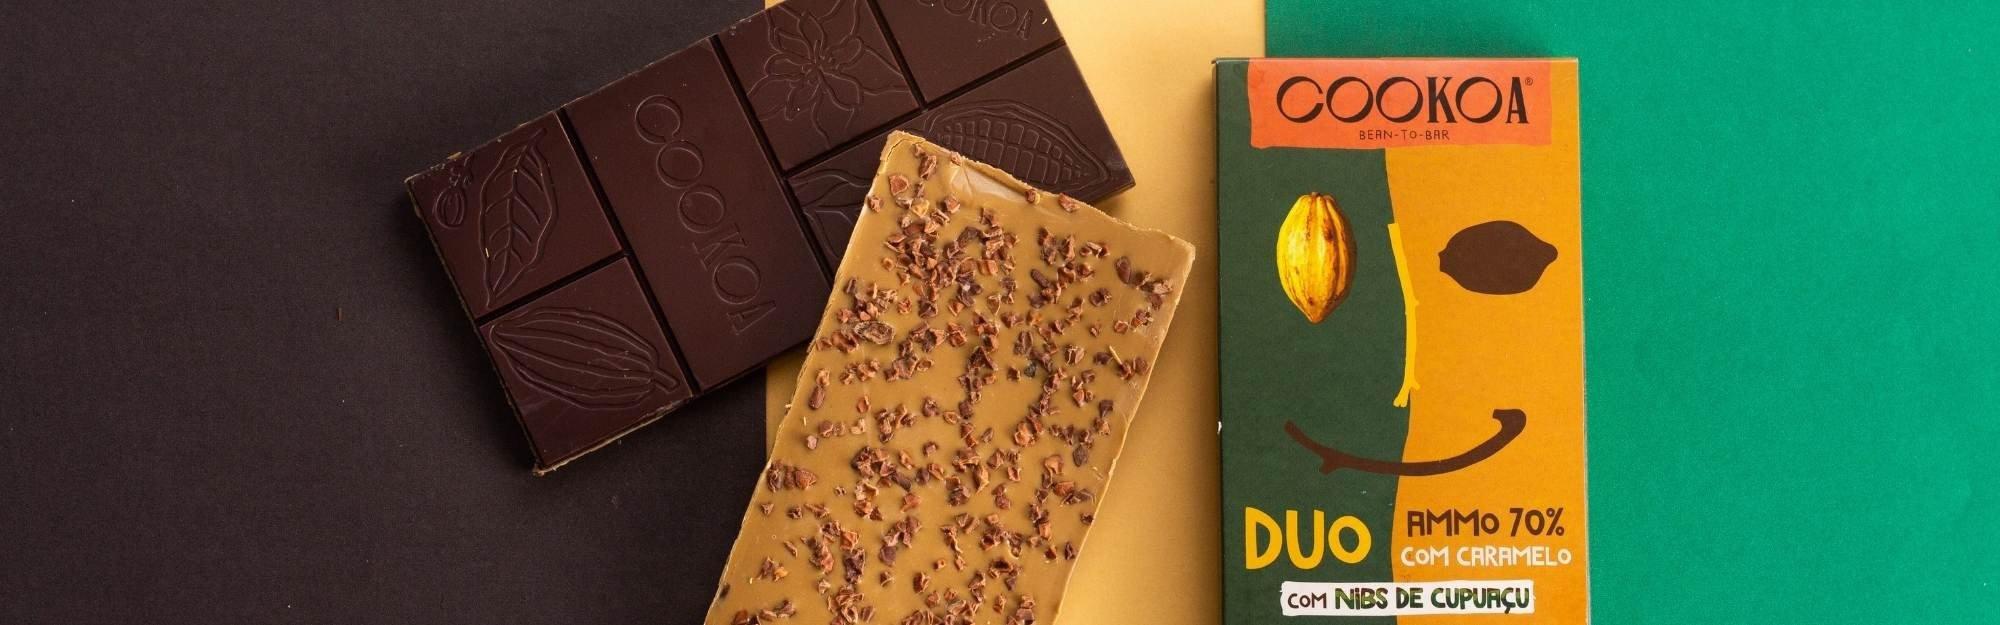 chocolate duo caramelo cookoa